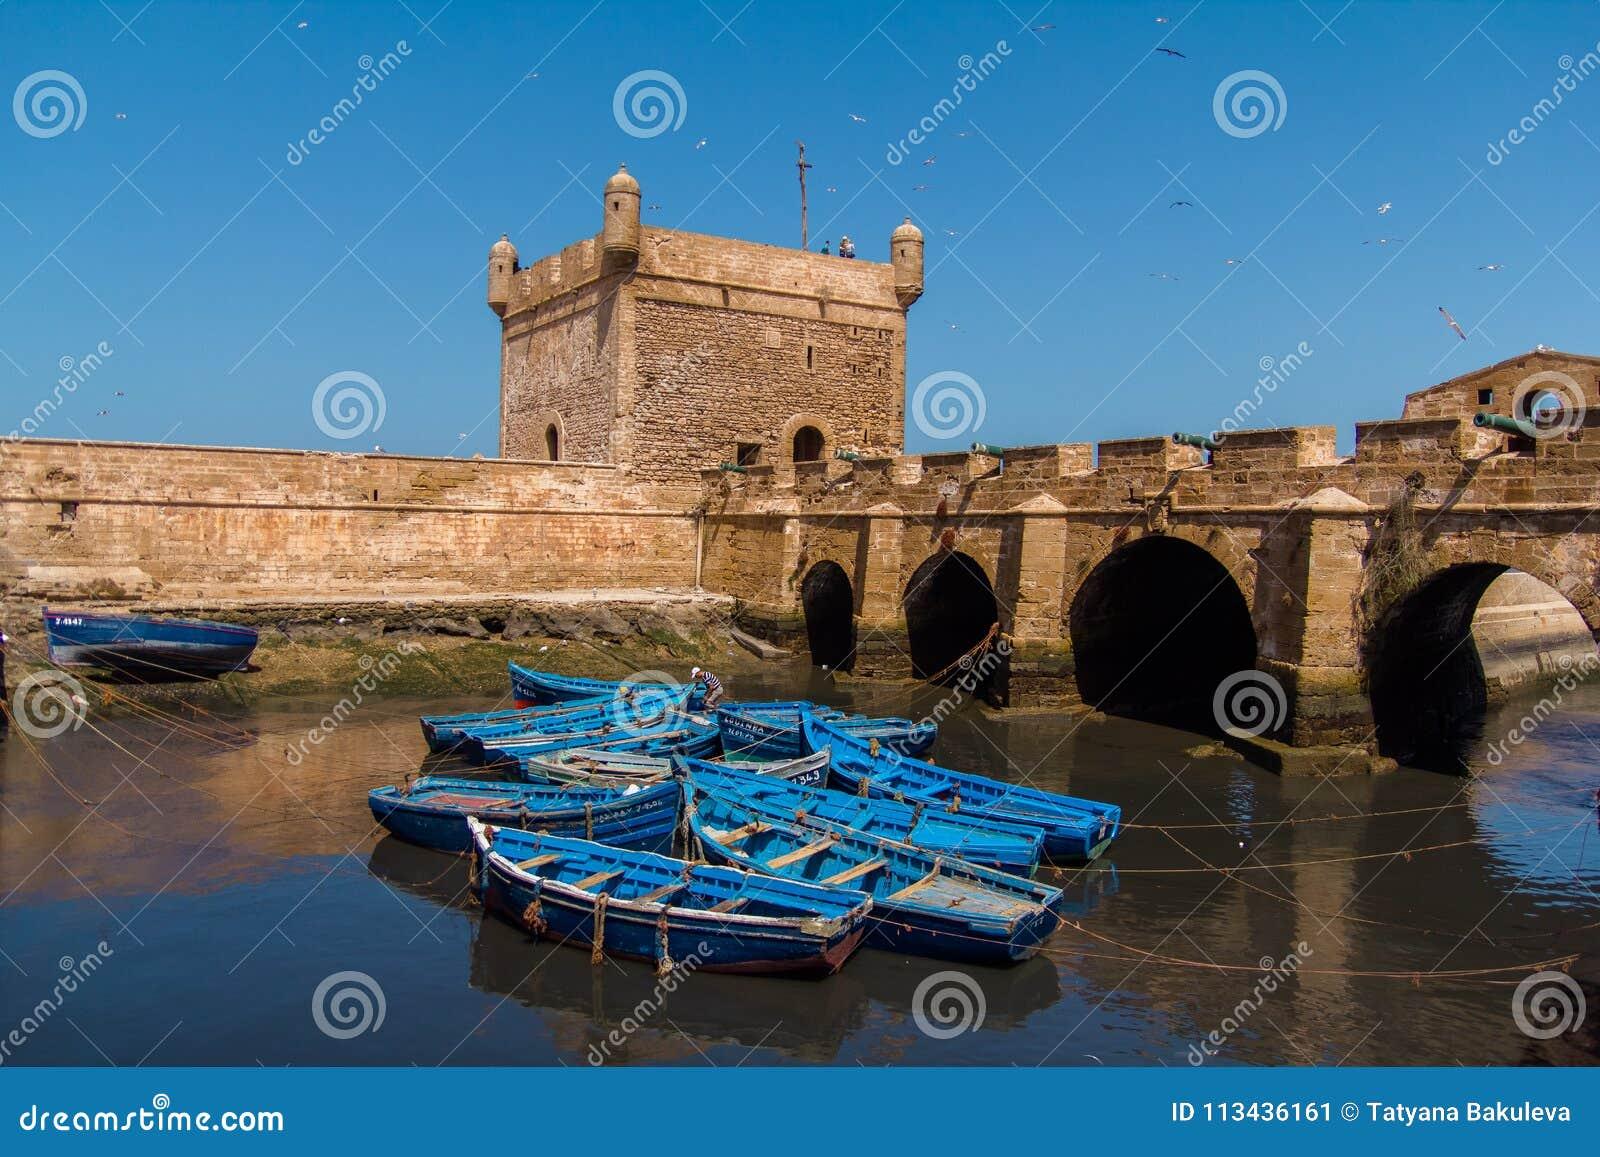 Łowić piękne błękitne łodzie, przekładnię i chwyta na tle Castelo real Mogador w Essaouira starym schronieniu,